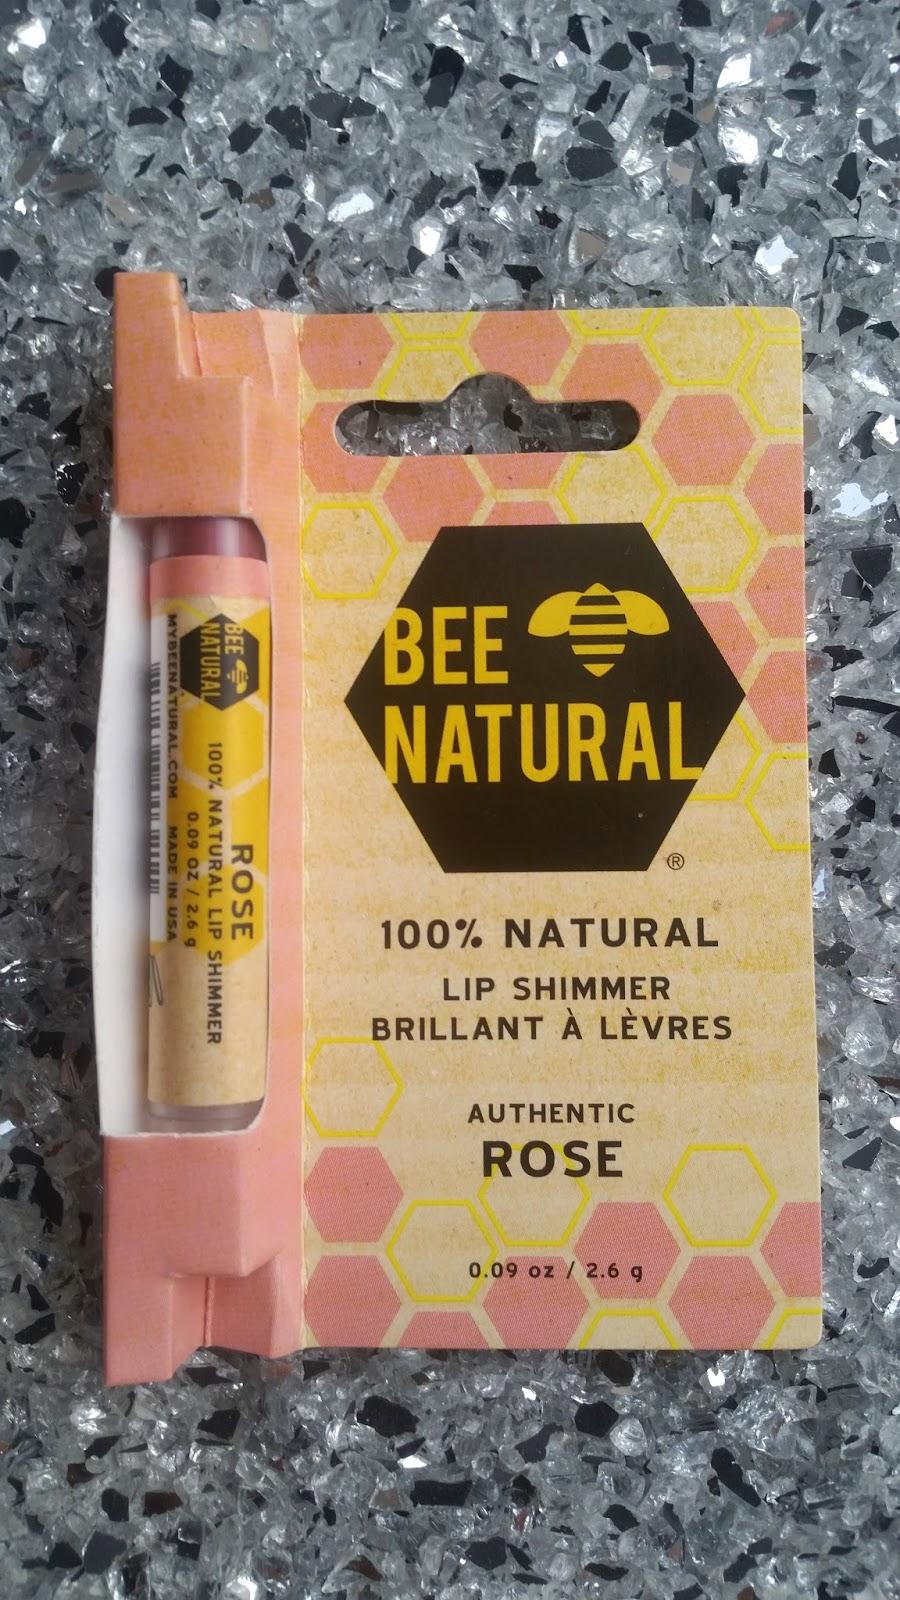 Lippenbalsam - Bee Natural - Rose - www.annitschkasblog.de